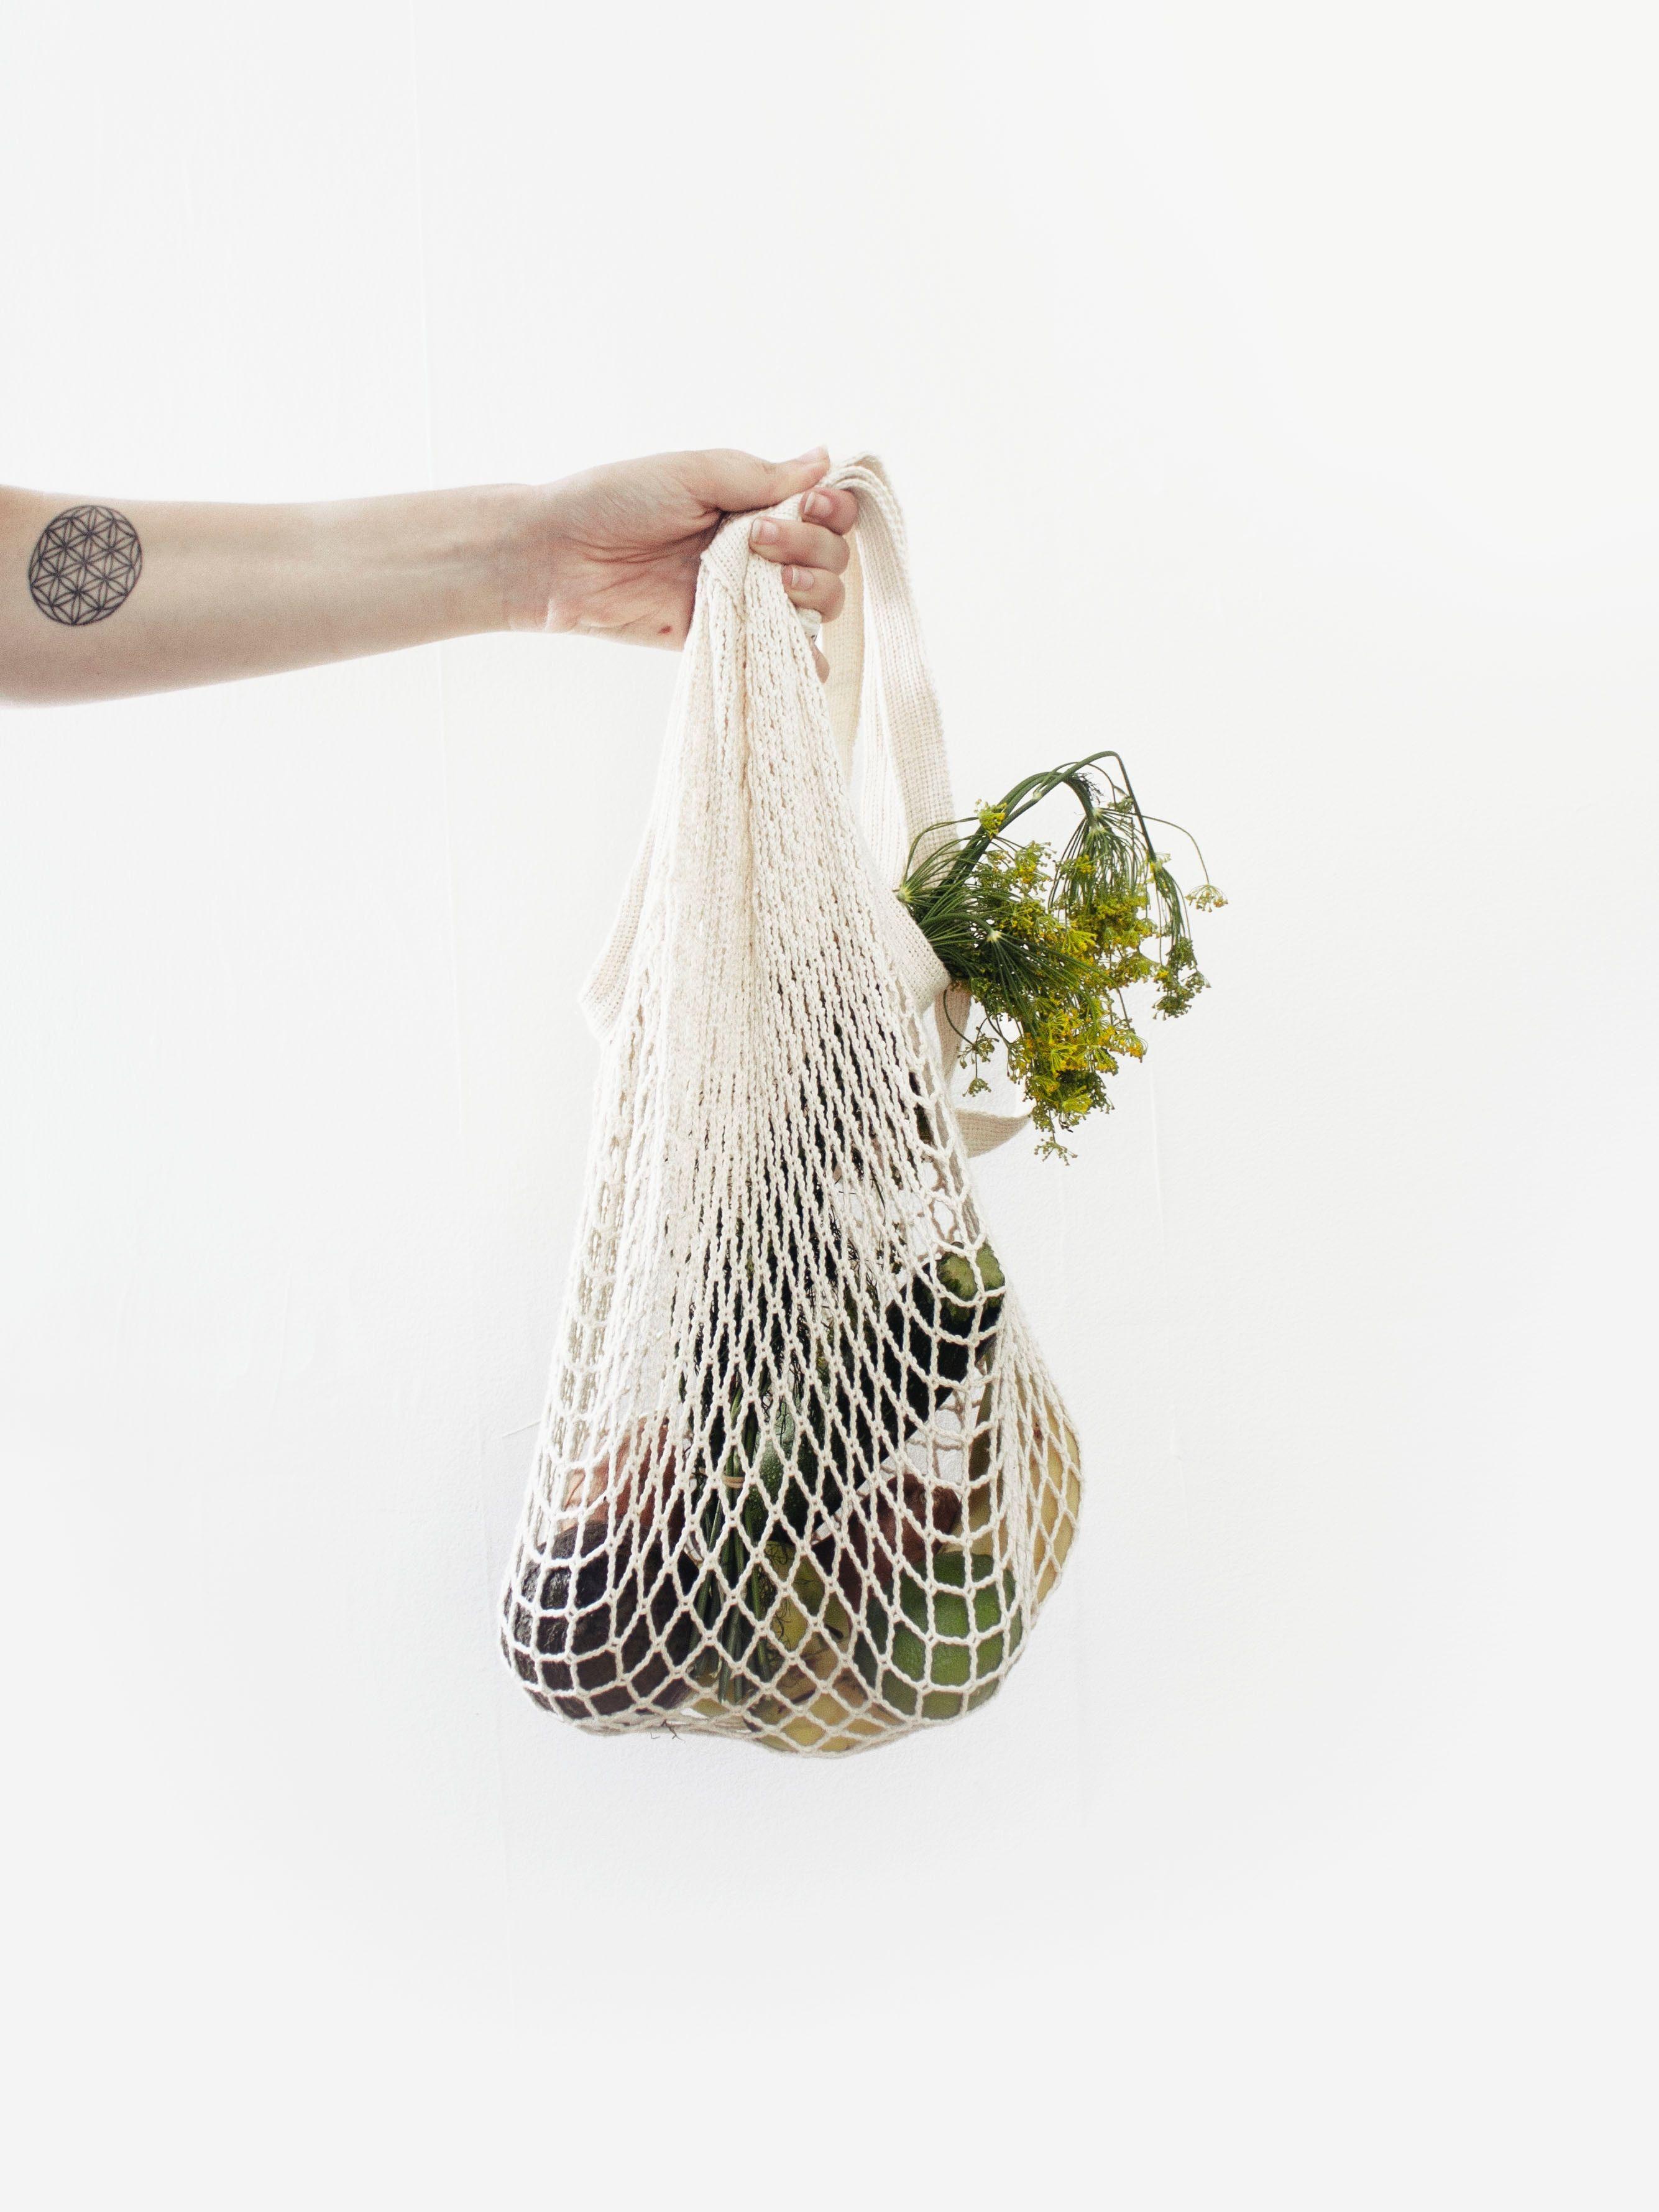 Ako sa vybavíš na ekologický nákup? Prines si obaly a vyberaj kvalitné potraviny